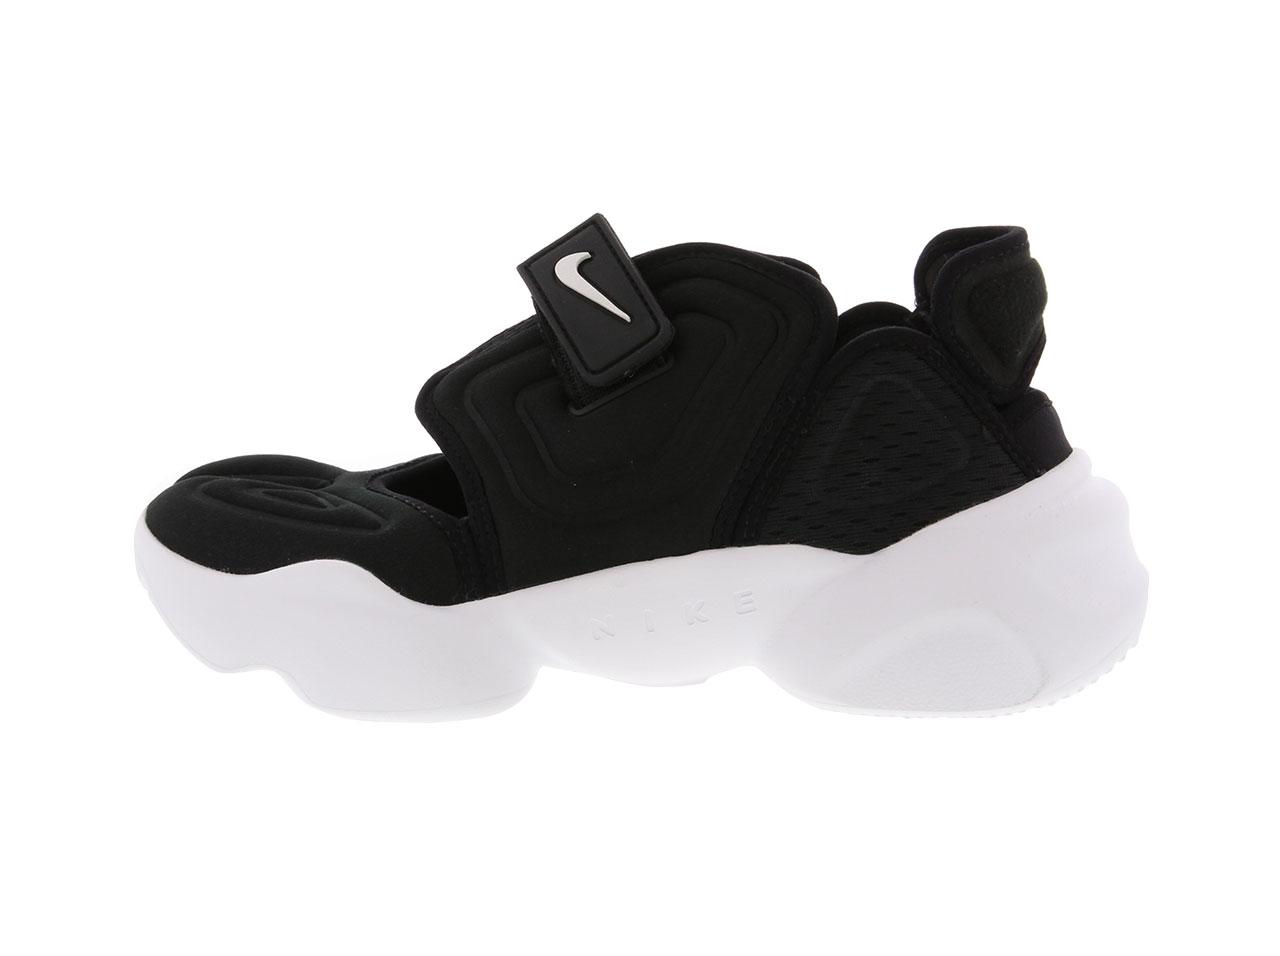 4/7発売 NIKE WOMENS AQUA RIFT(BQ4797-002)【ナイキ】【レディースファッション】【シューズ】【スニーカー】【靴】【フットウェア】